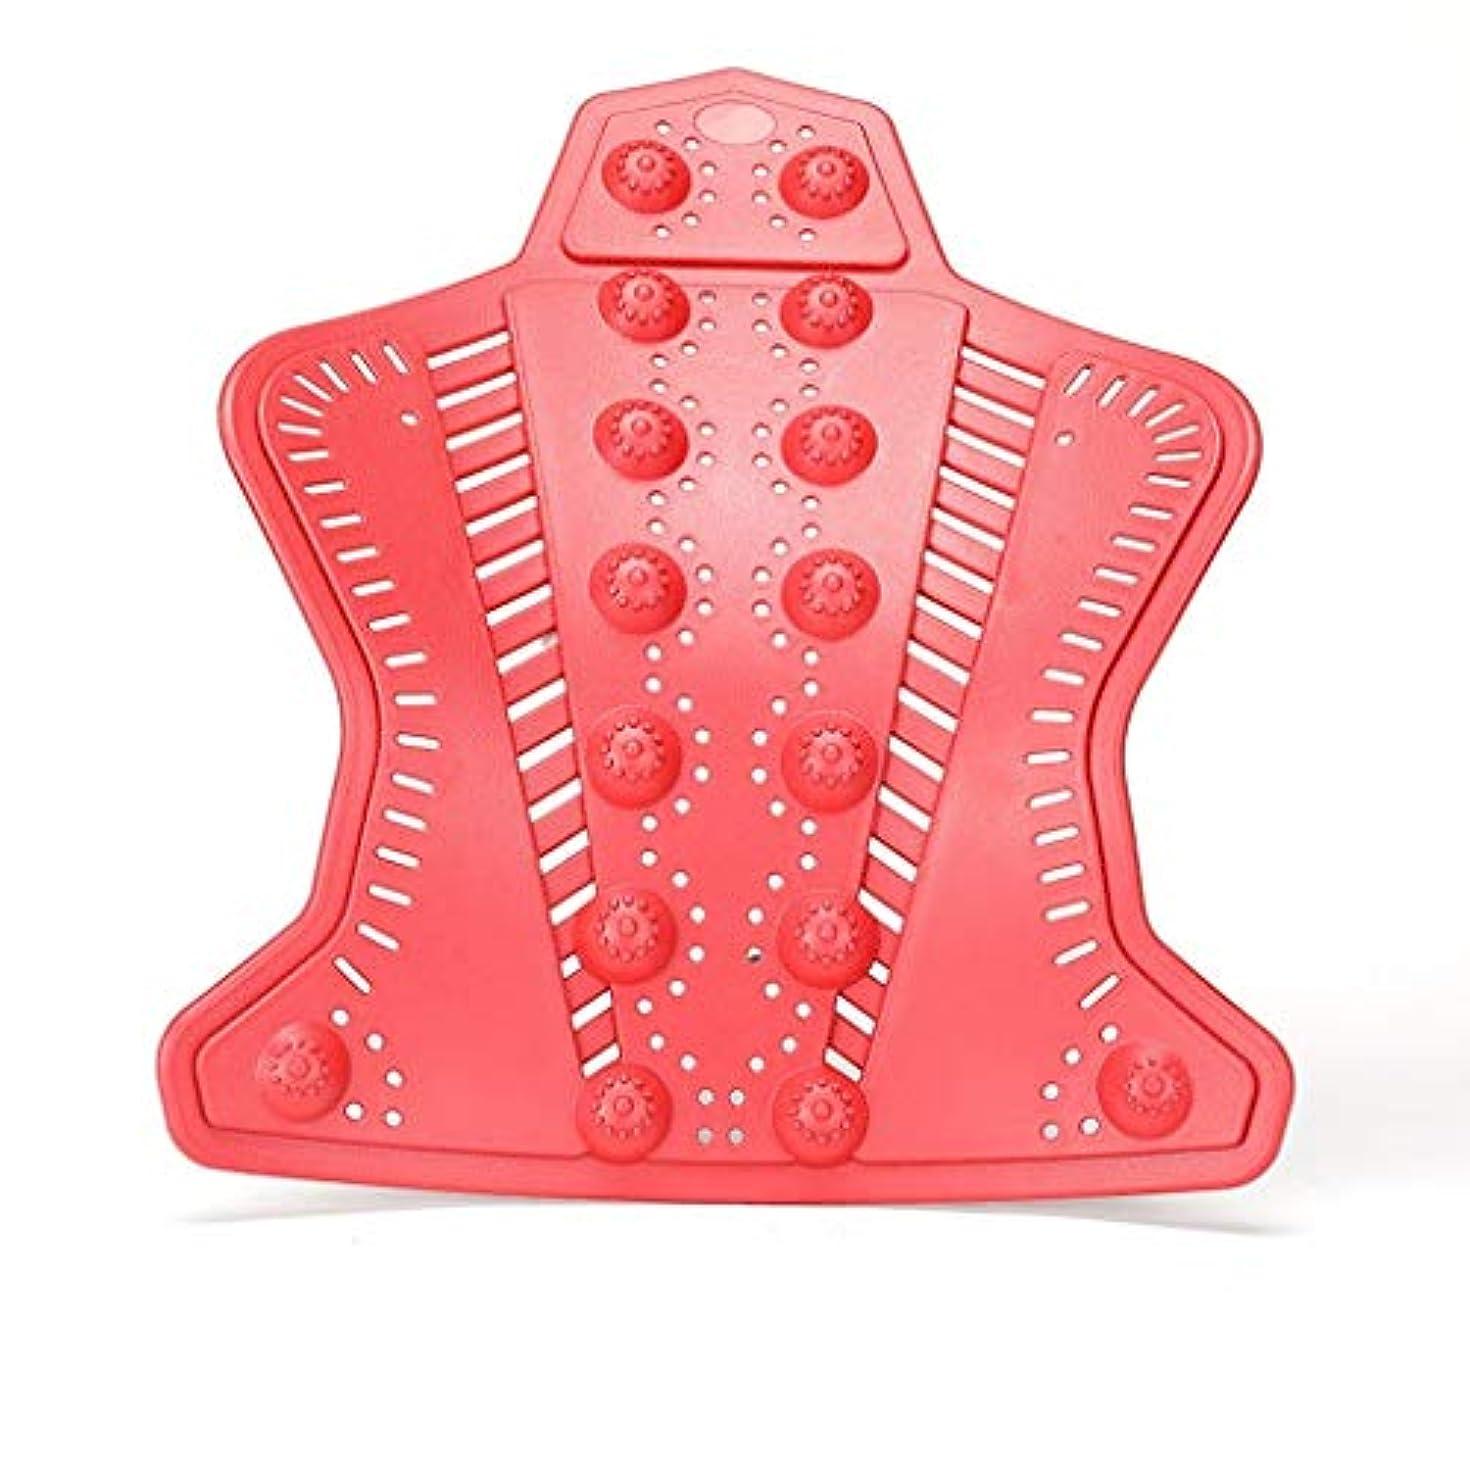 吐き出す魅力的であることへのアピール専門用語背中のマッサージストレッチャーストレッチマジックウエストサポート首リラックス脊椎の痛み頚椎腰椎牽引ザトウクジラデバイス,Red